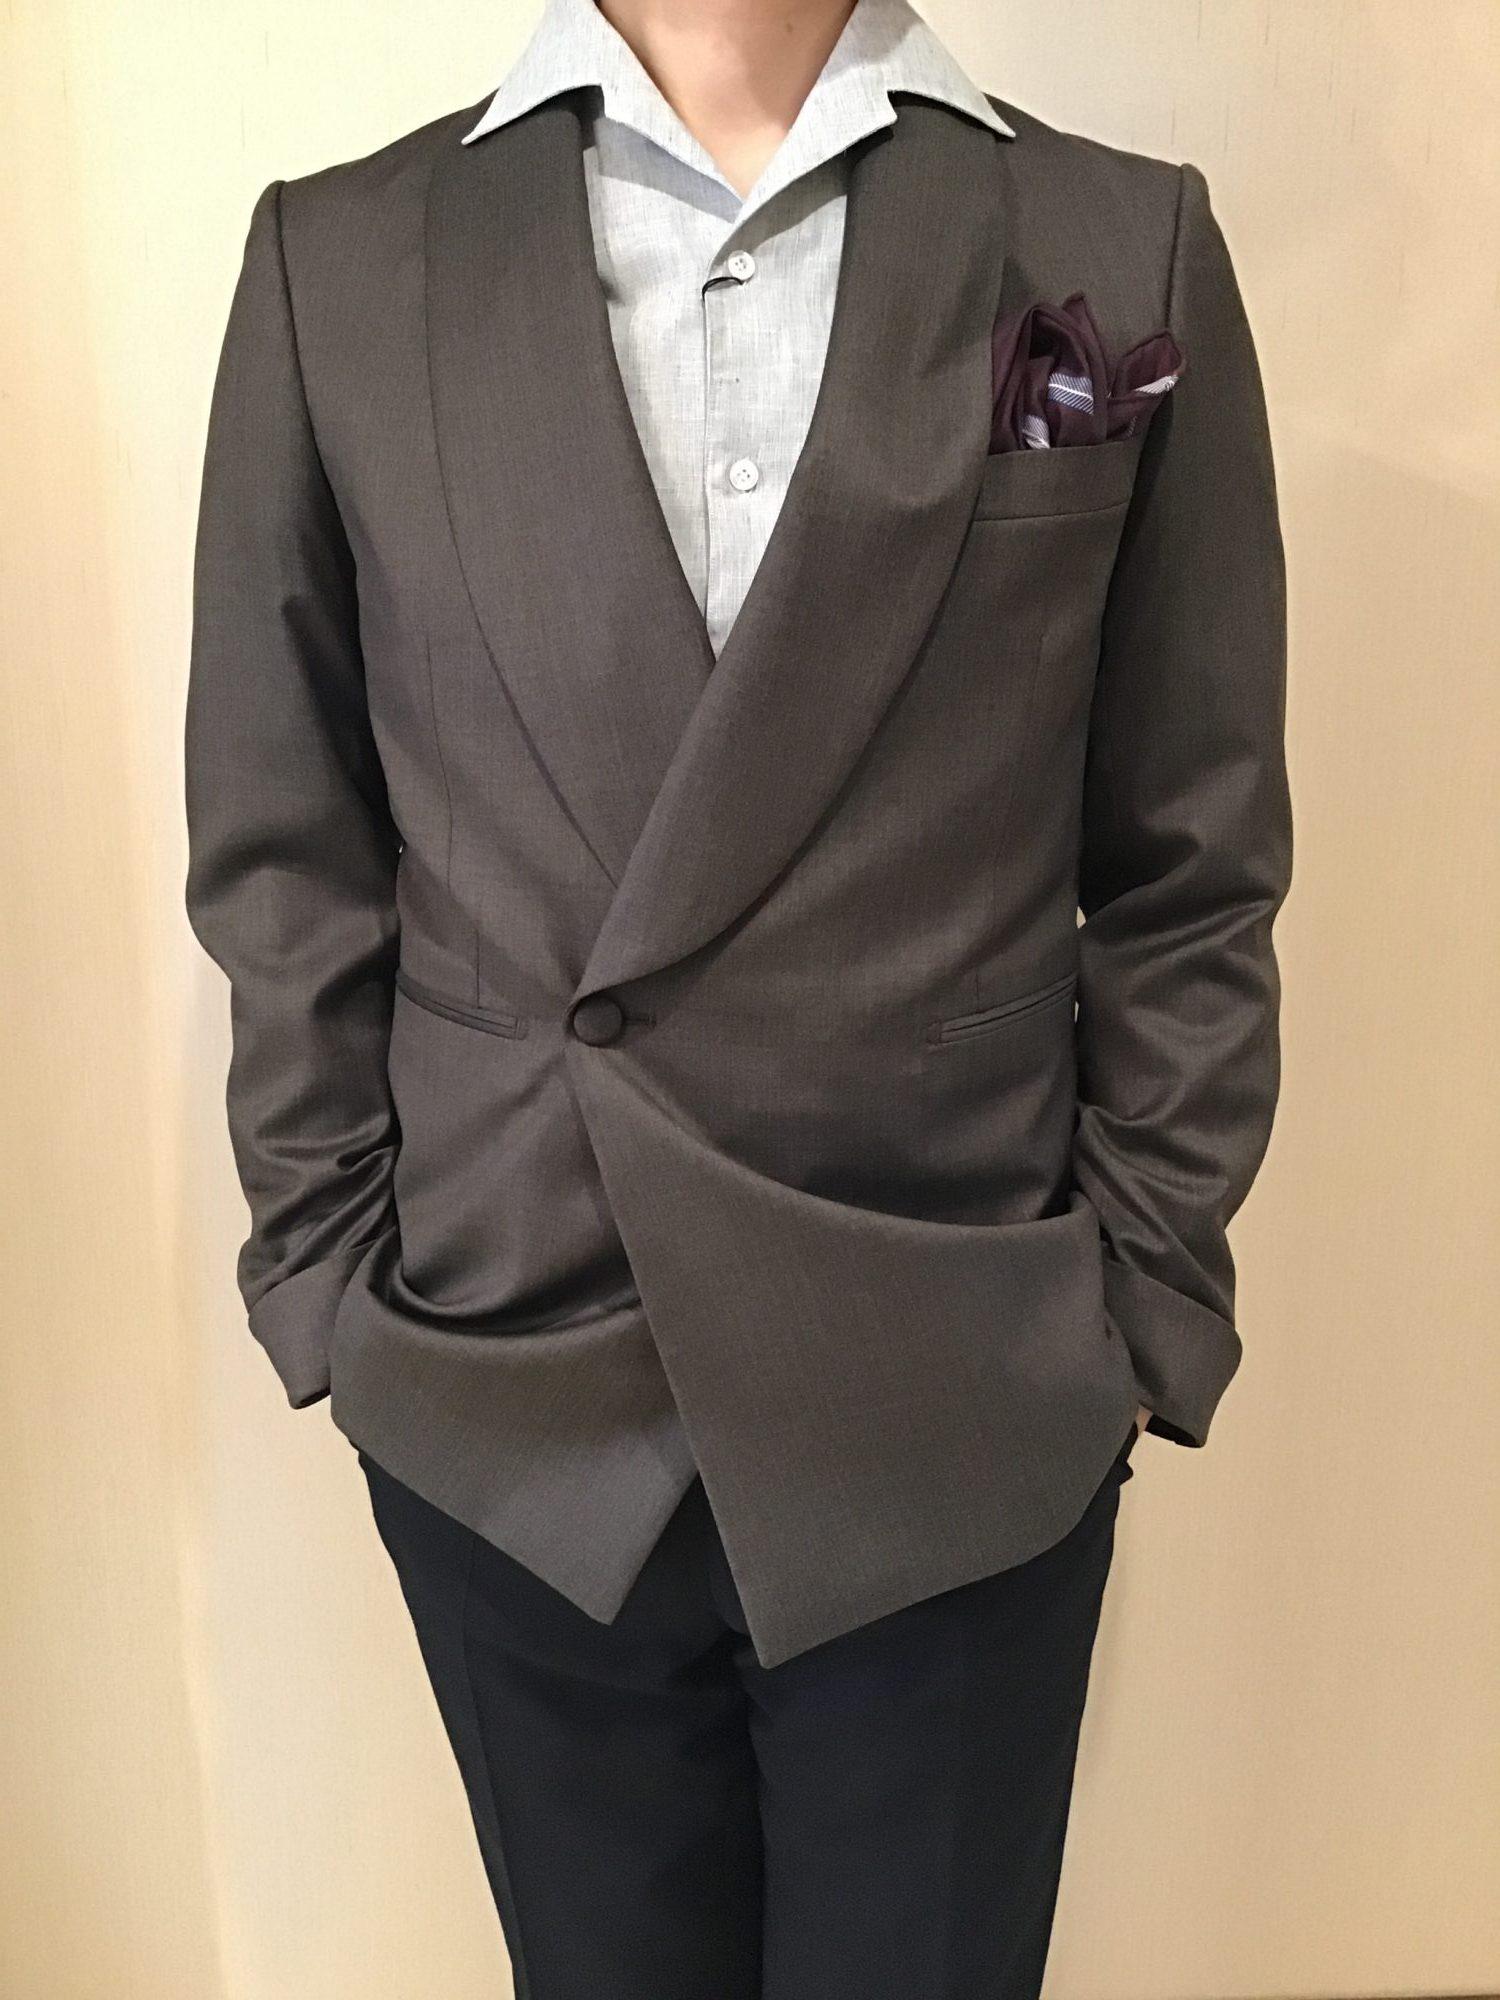 フォーチュンガーデン京都でお式を挙げる新郎様にご提案したい新作のタキシードジャケット